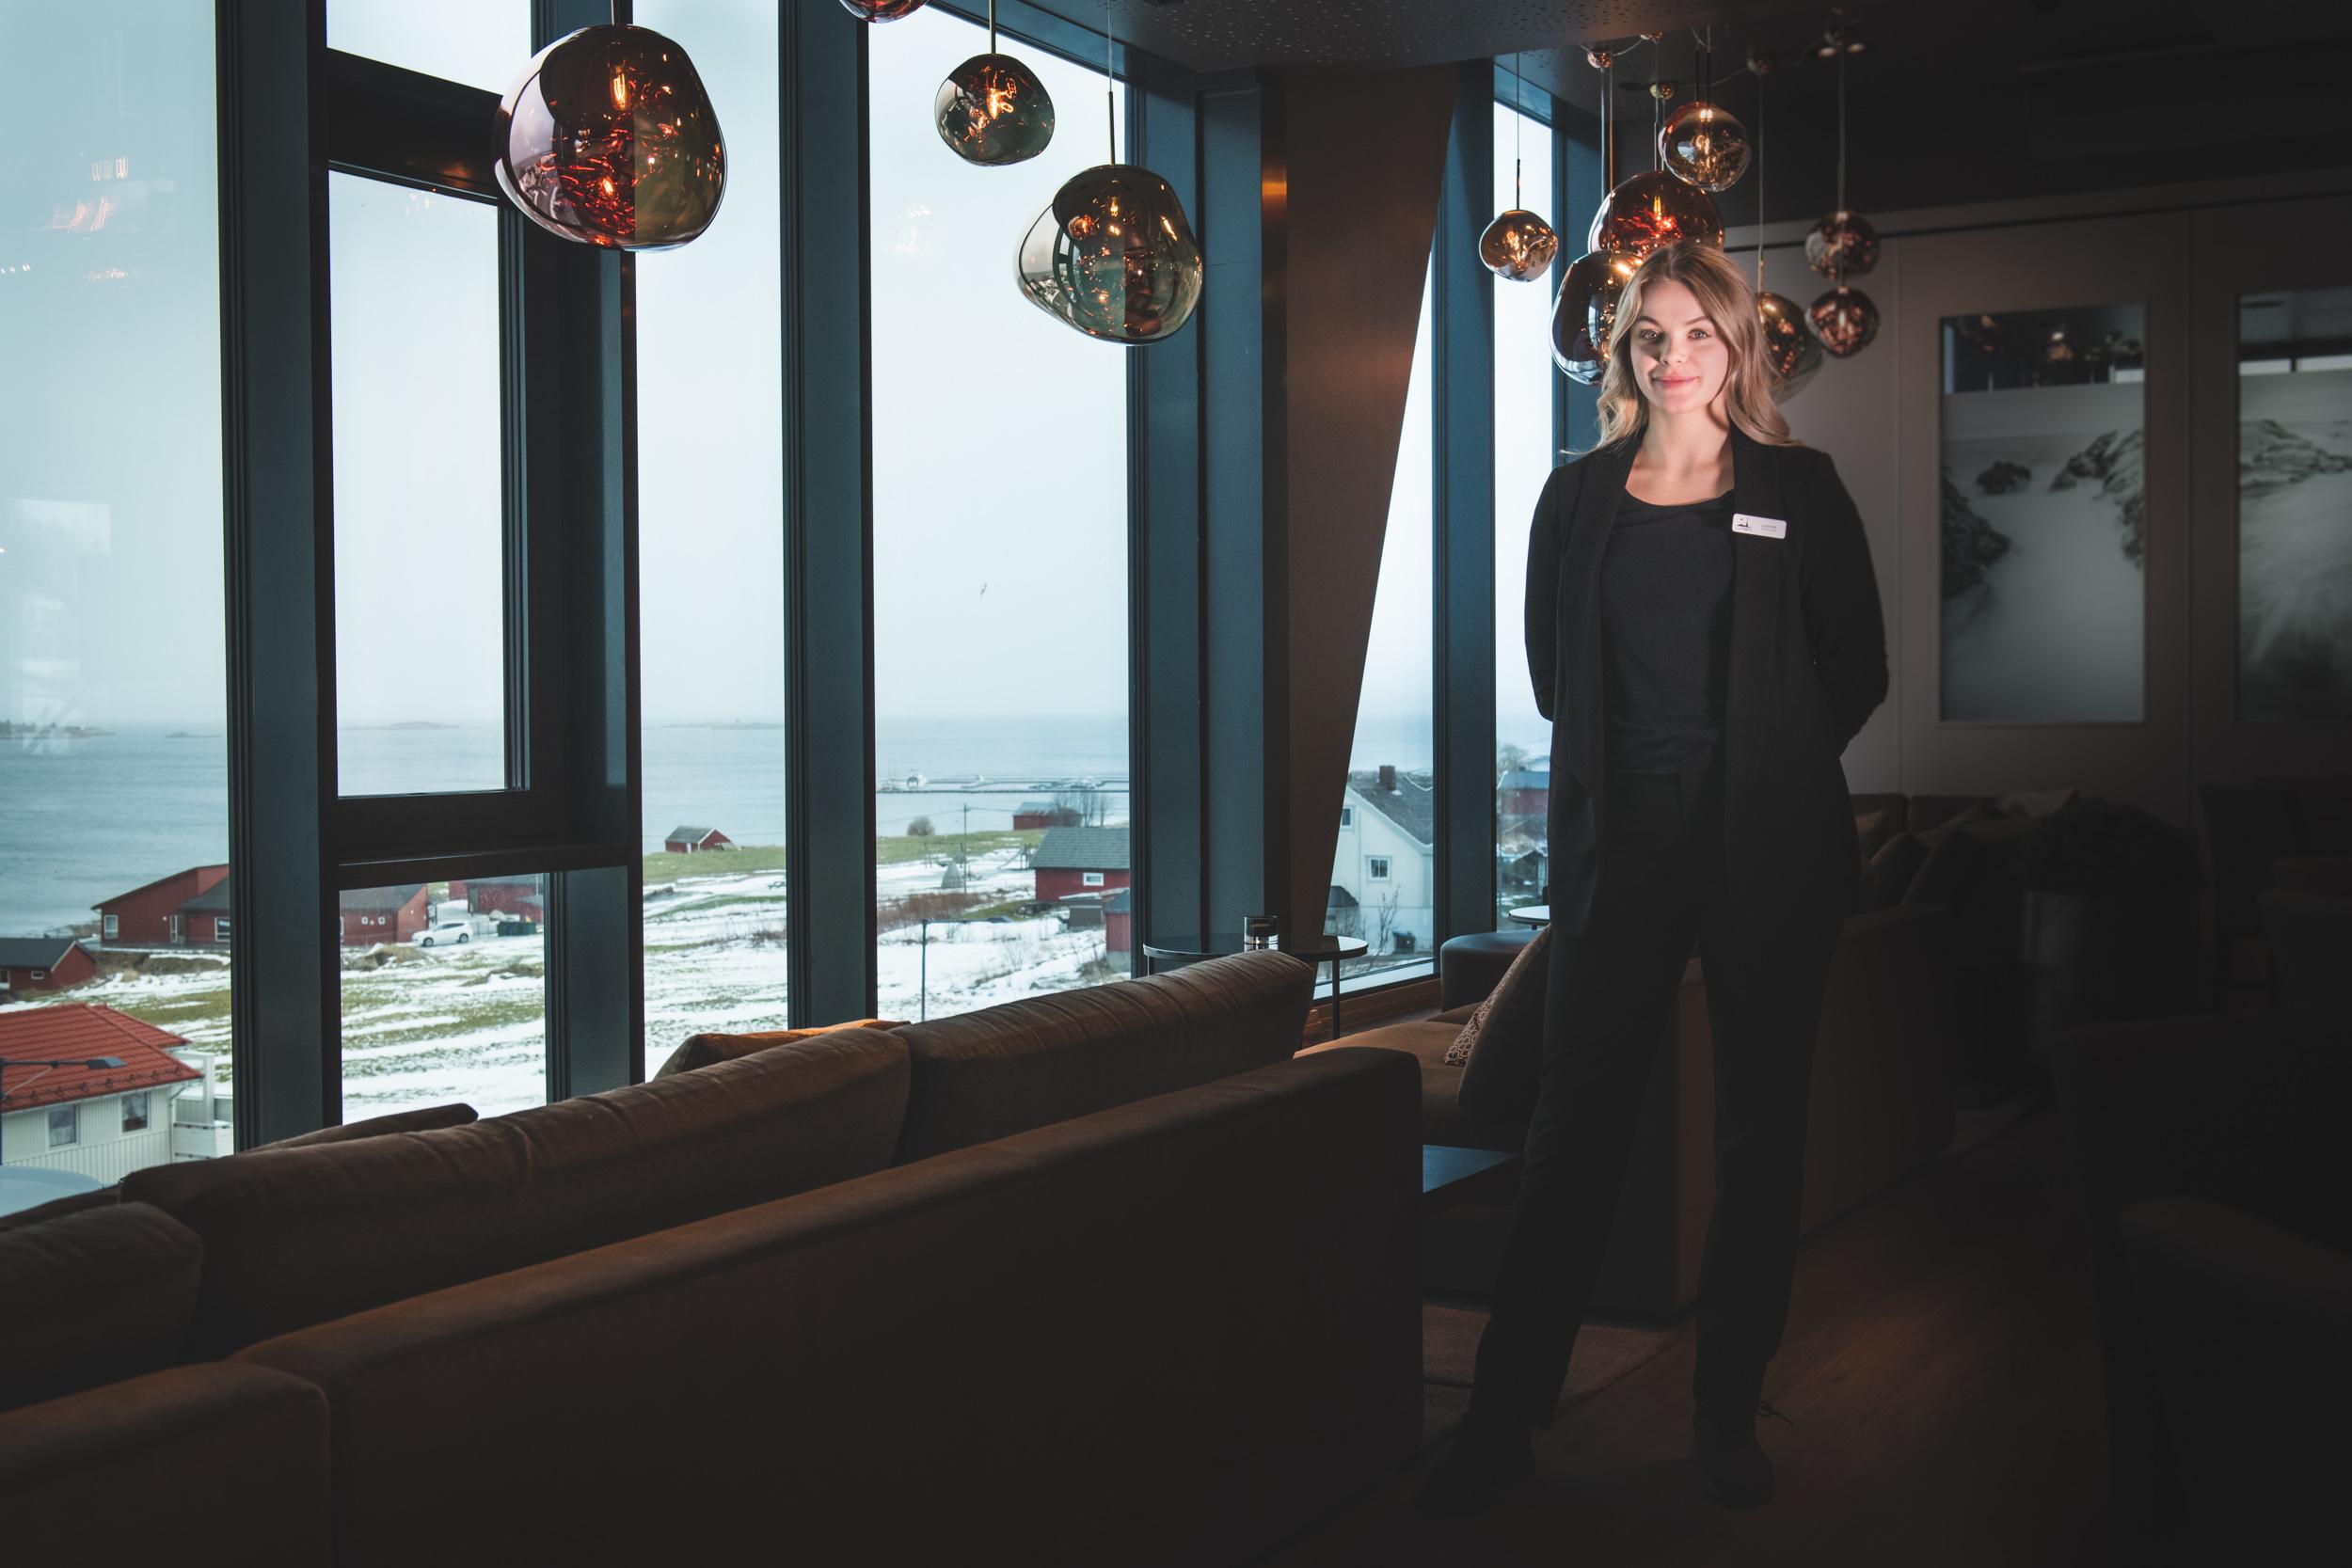 web_hotellfrøya-8506061.jpg